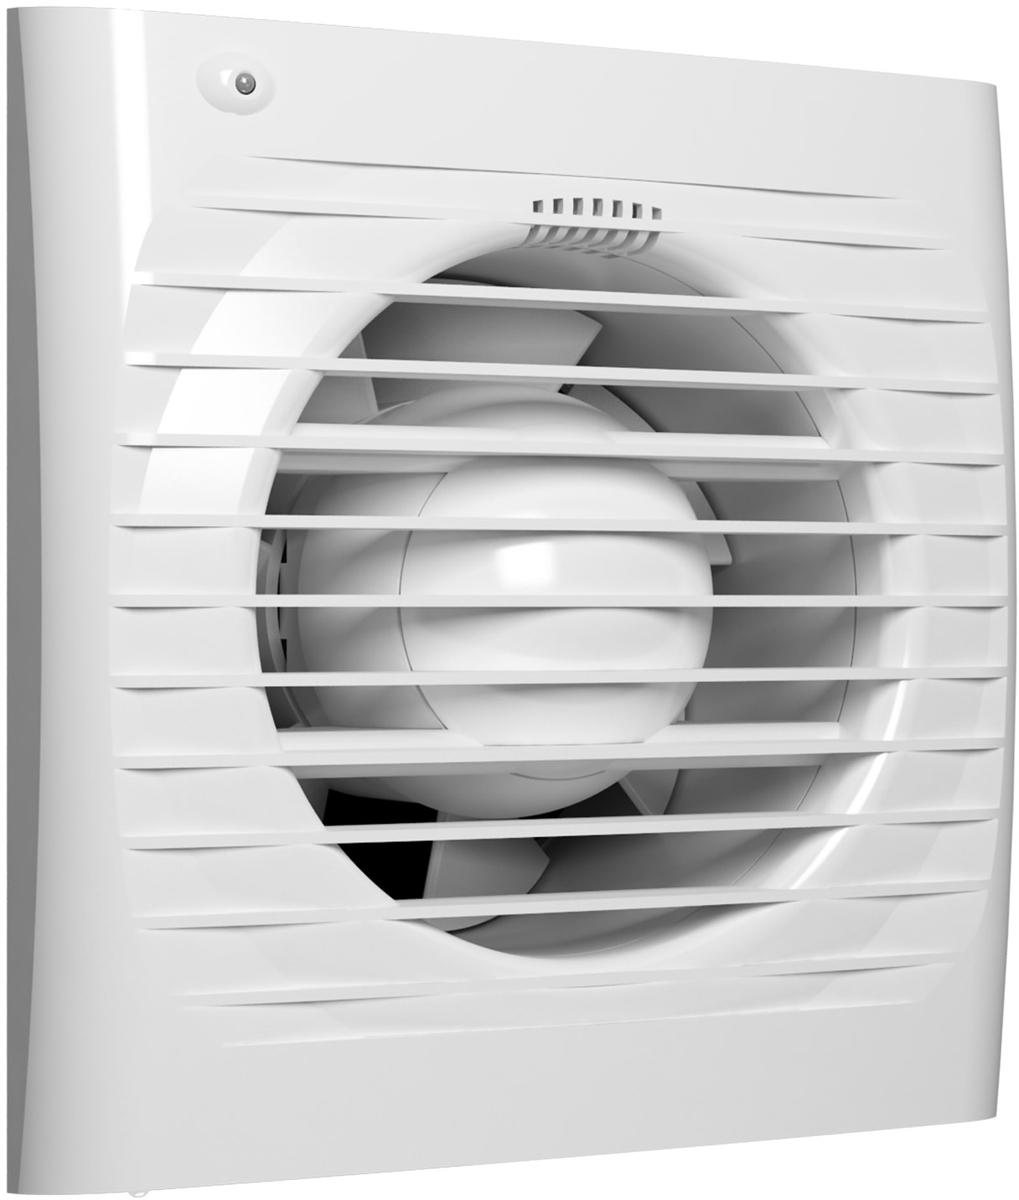 ERA 5C ET вентилятор осевой вытяжнойERA 5C ETВентилятор серии ERA с диаметром фланца 125 мм. ERA - стандартная линейка вентиляторов. Самая топовая серия вентиляторов, оснащенная самым богатым выбором функций и опций. Вентилятор выполнен в классическом дизайне, благодаря чему впишется в любой интерьер. Лицевая панель, корпус и крыльчатка изготовлены из ABS-пластика. Двигатели вентиляторов данной серии оснащены встроенной термозащитой. Имеет световую индикацию работы. Классического белого цвета. Вентилятор оснащен защитой от обратной тяги.Дополнительная опция: двухрежимный электронный таймер (устанавливает время работы вентилятора, подключается 3-мя проводами).